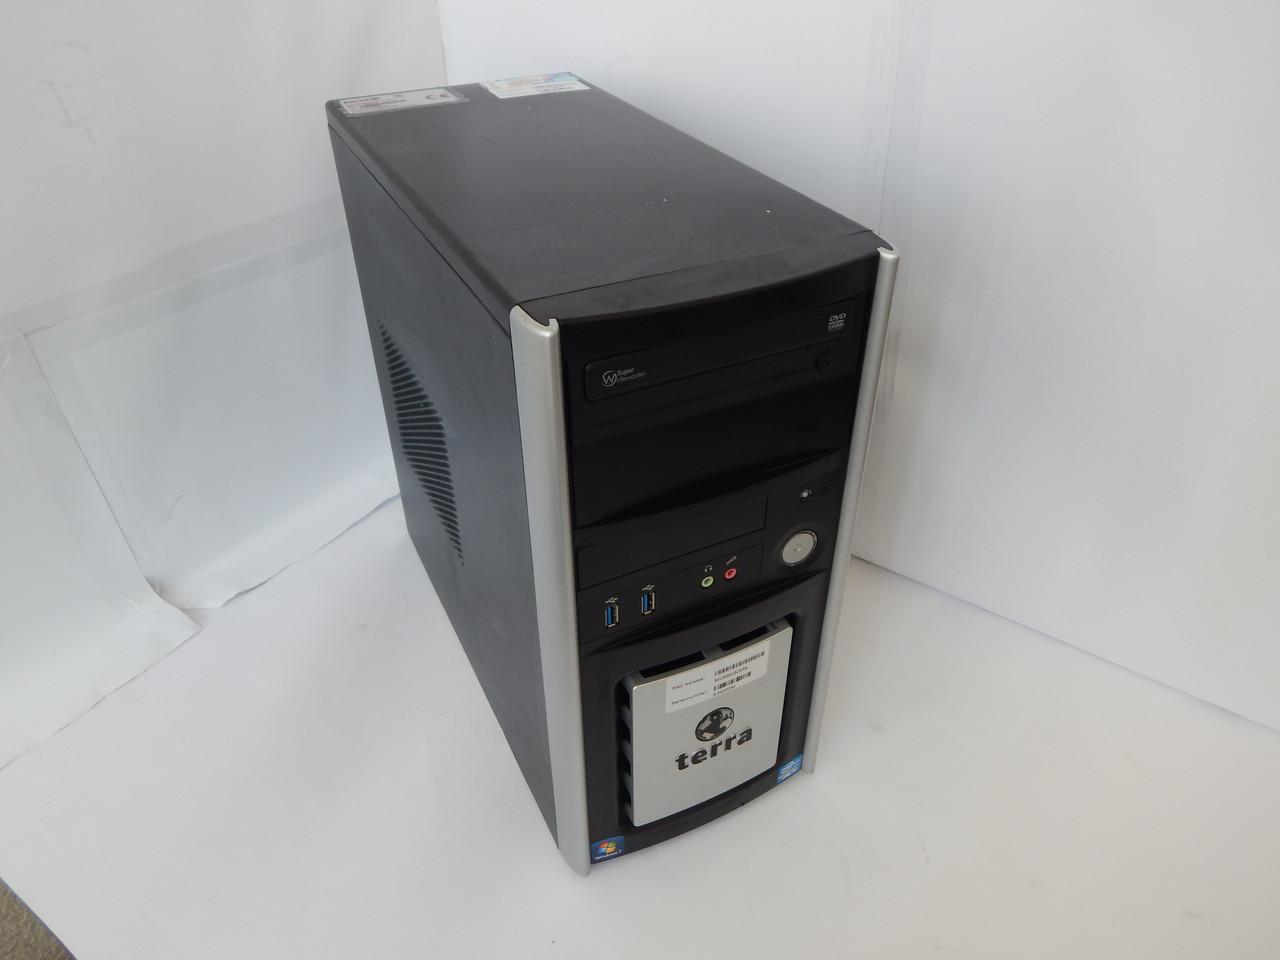 Игровой компьютер Terra 6100 i5-3470 RAM 8 ГБ RX 550 2 ГБ